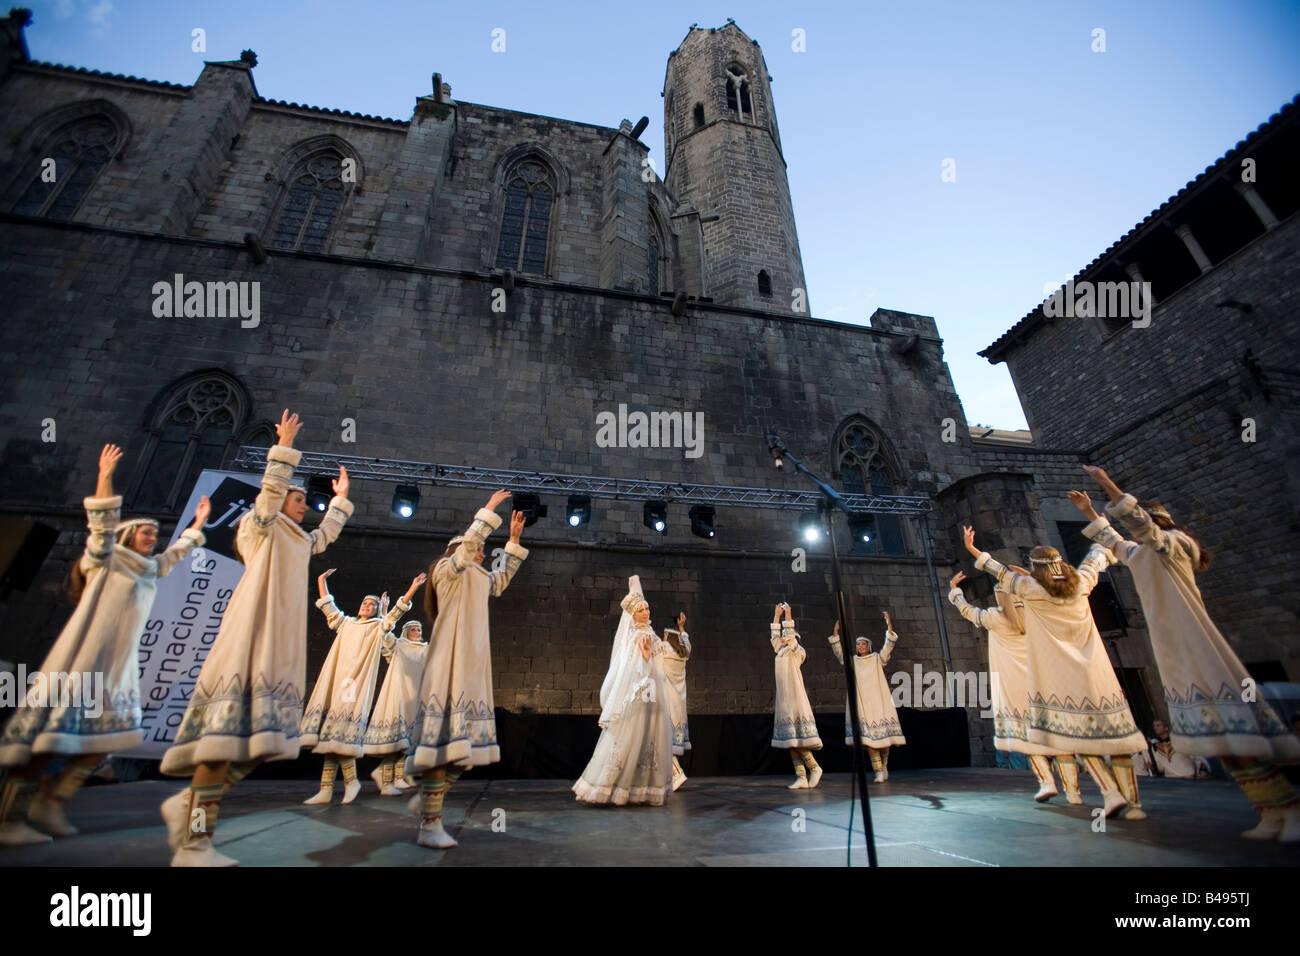 Il gruppo folk dalla Repubblica russa di Komis effettuando in corrispondenza di Placa del Rei Barcellona Spagna Immagini Stock